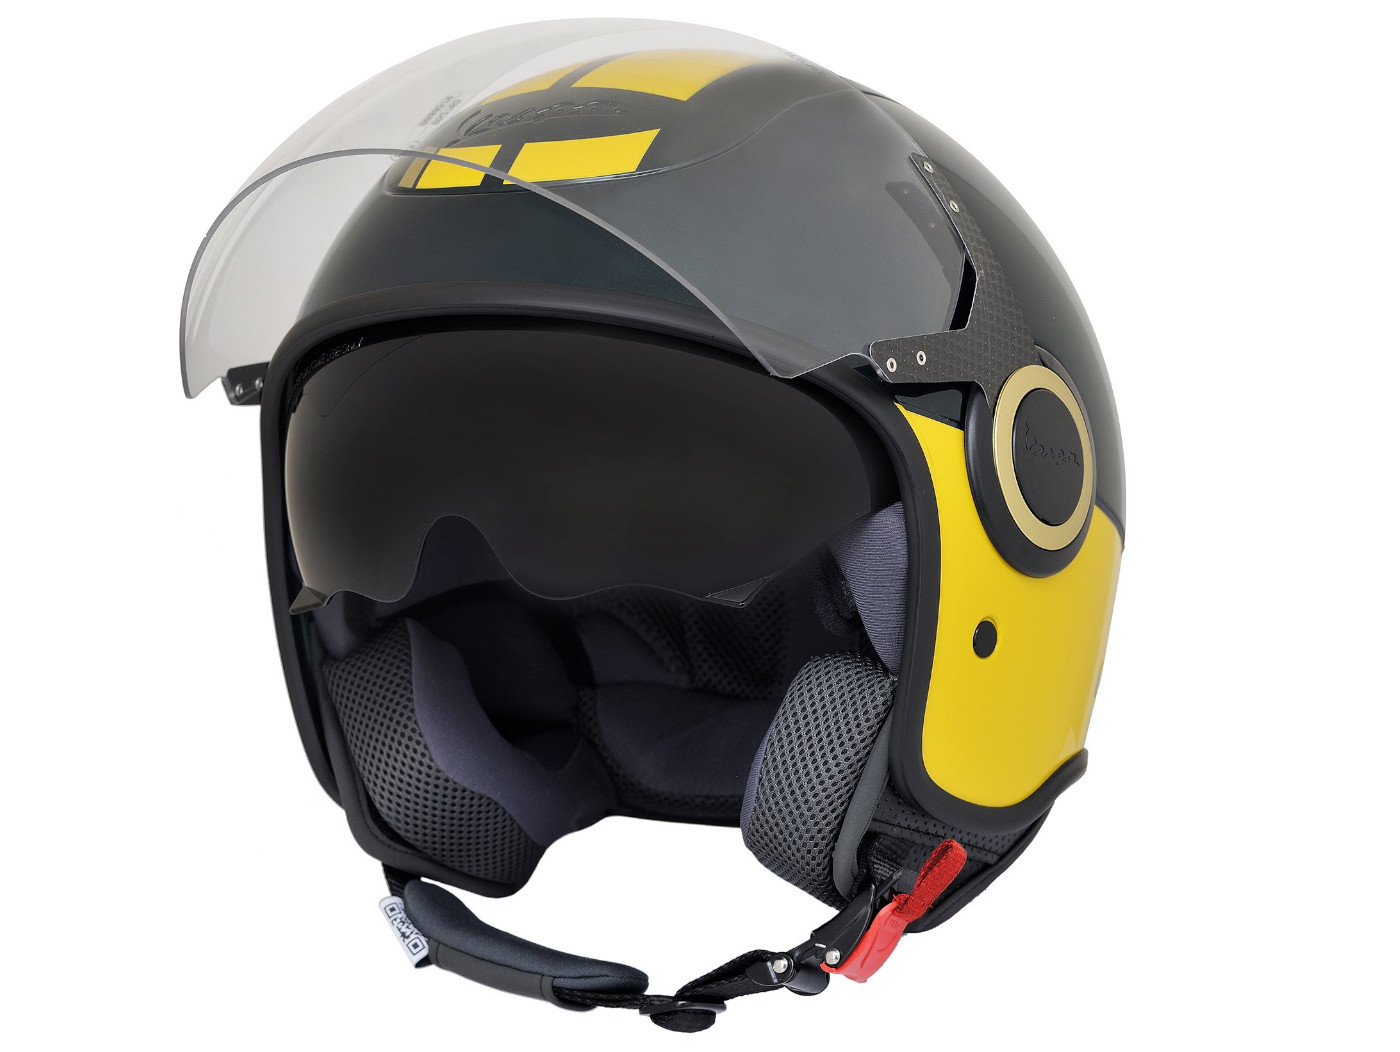 Helmet Vespa Open Face Helmet Vj Racing Sixties Green Yellow S 55 56 Cm Helmets Helmets Scooter Center